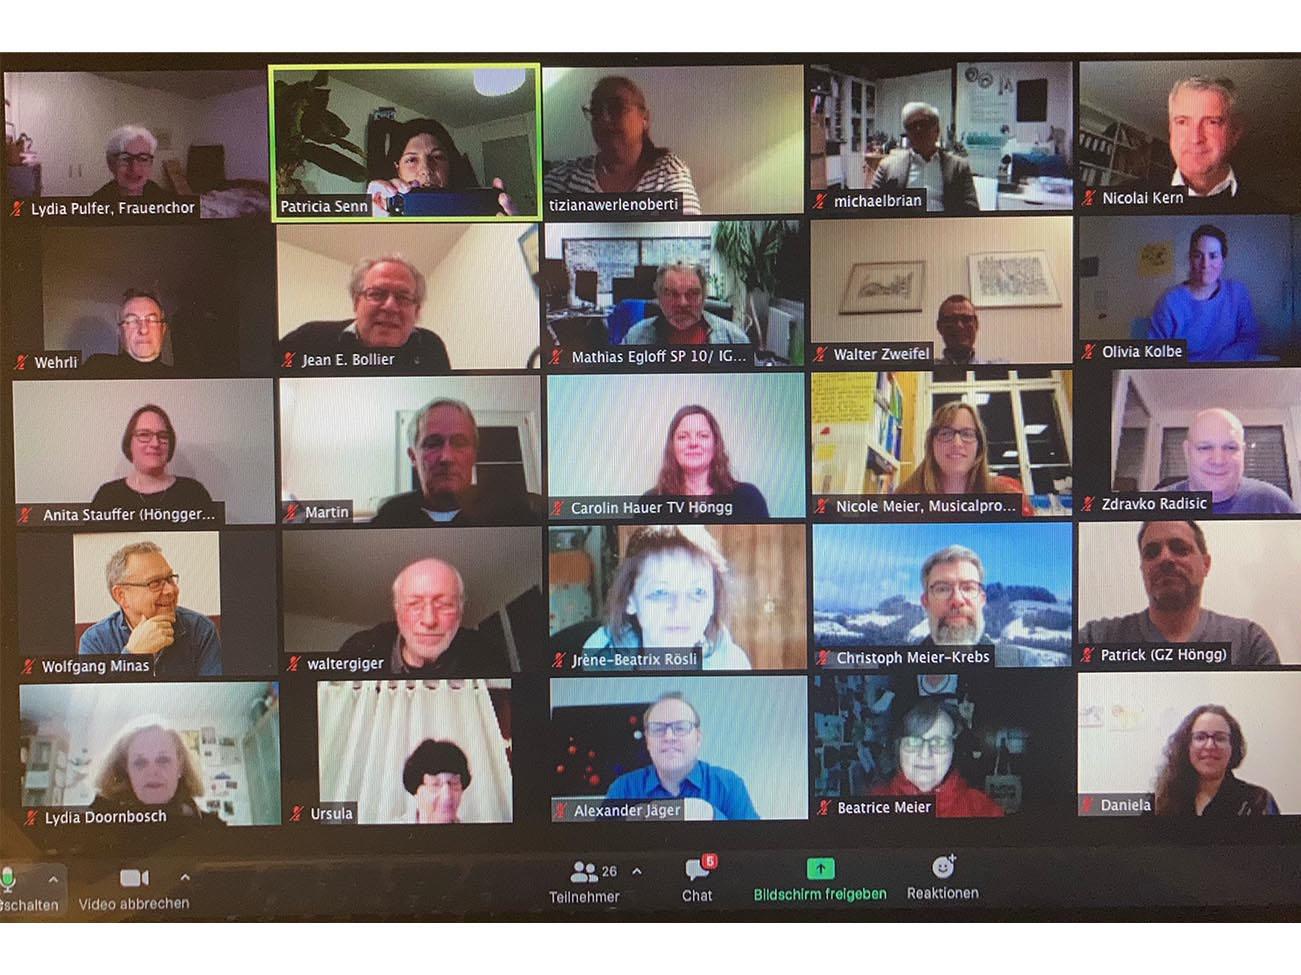 Die digitale Kommunikation hat auch Vorteile: Man kann allen Anwesenden ins Gesicht schauen.